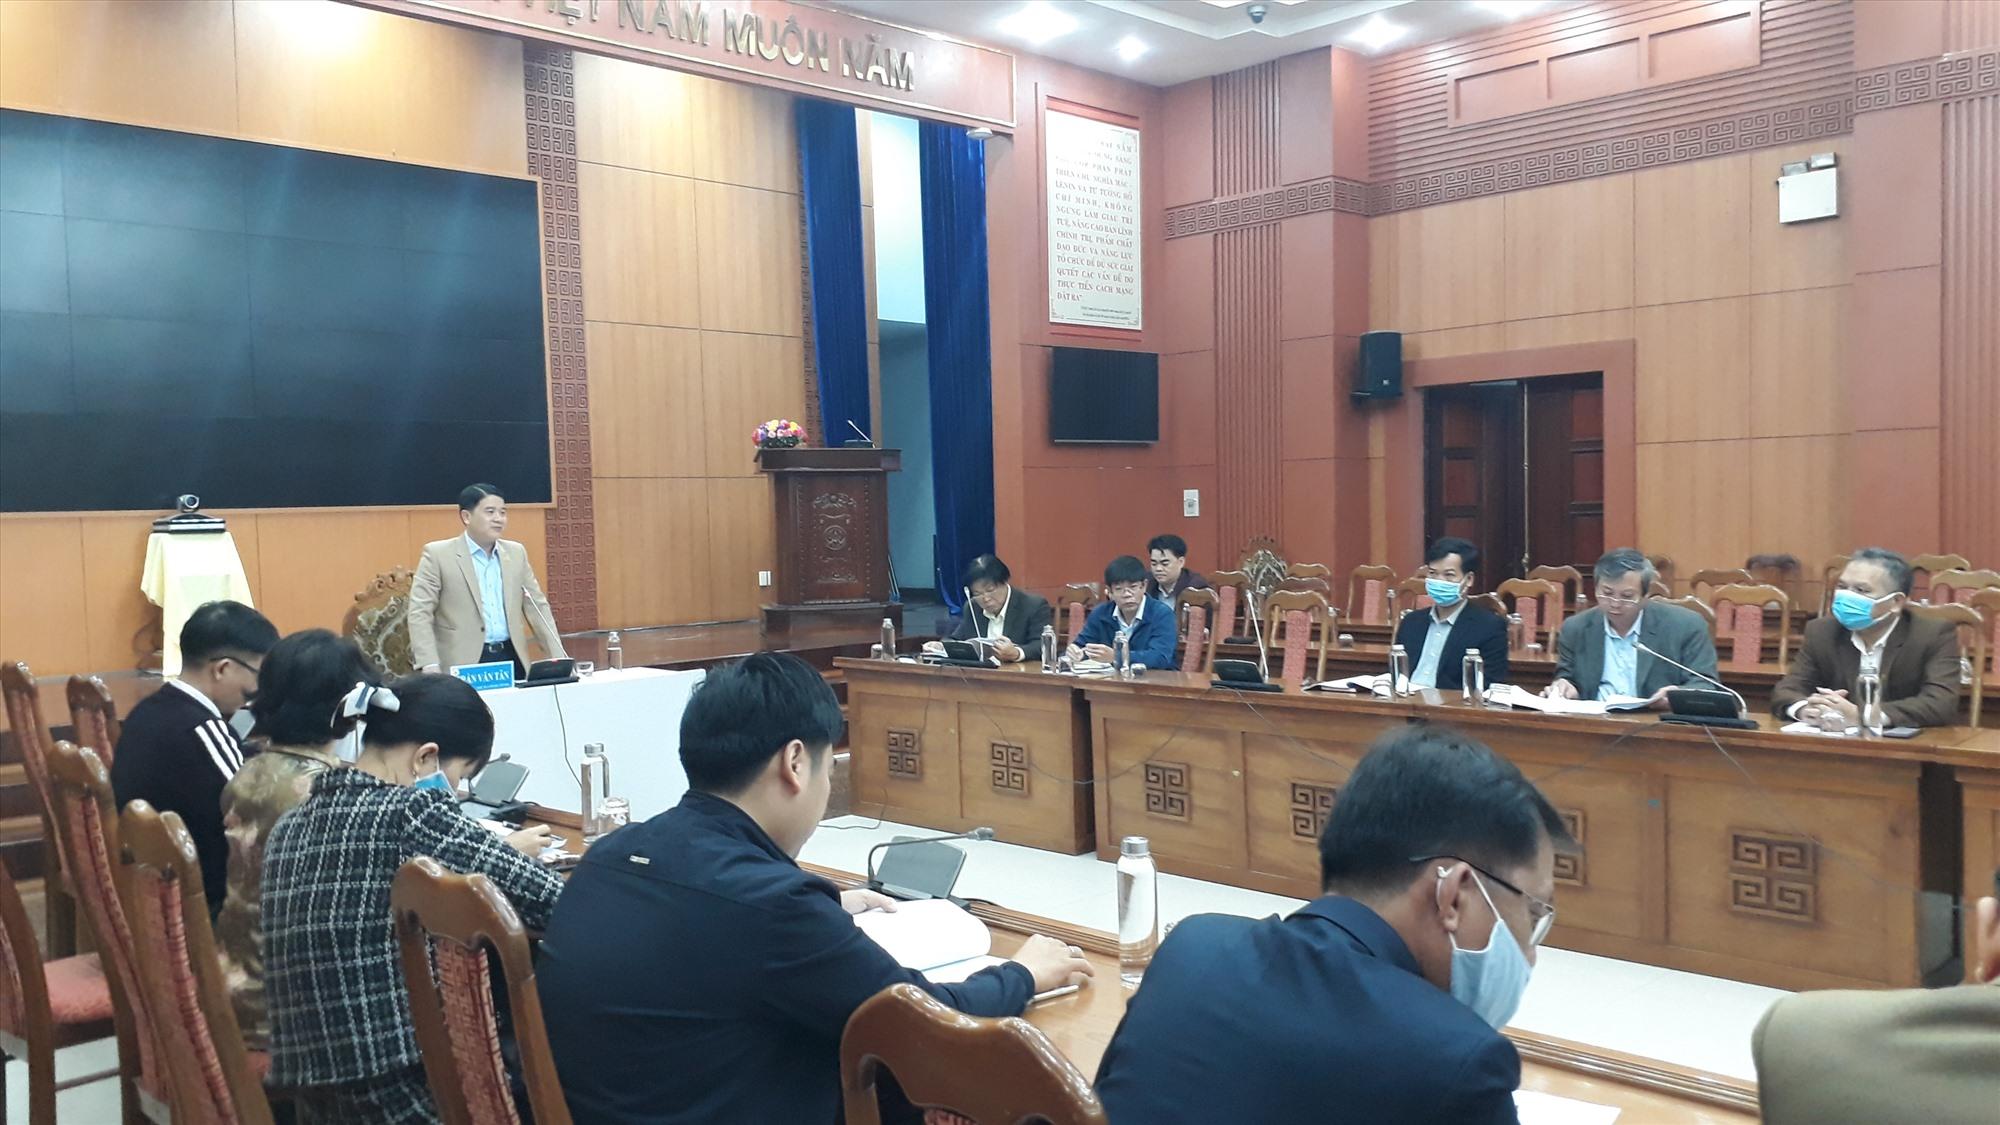 Phó Chủ tịch UBND tỉnh Trần Văn Tân nhấn mạnh đến tâm quan trọng của văn hóa đọc. Ảnh: X.P